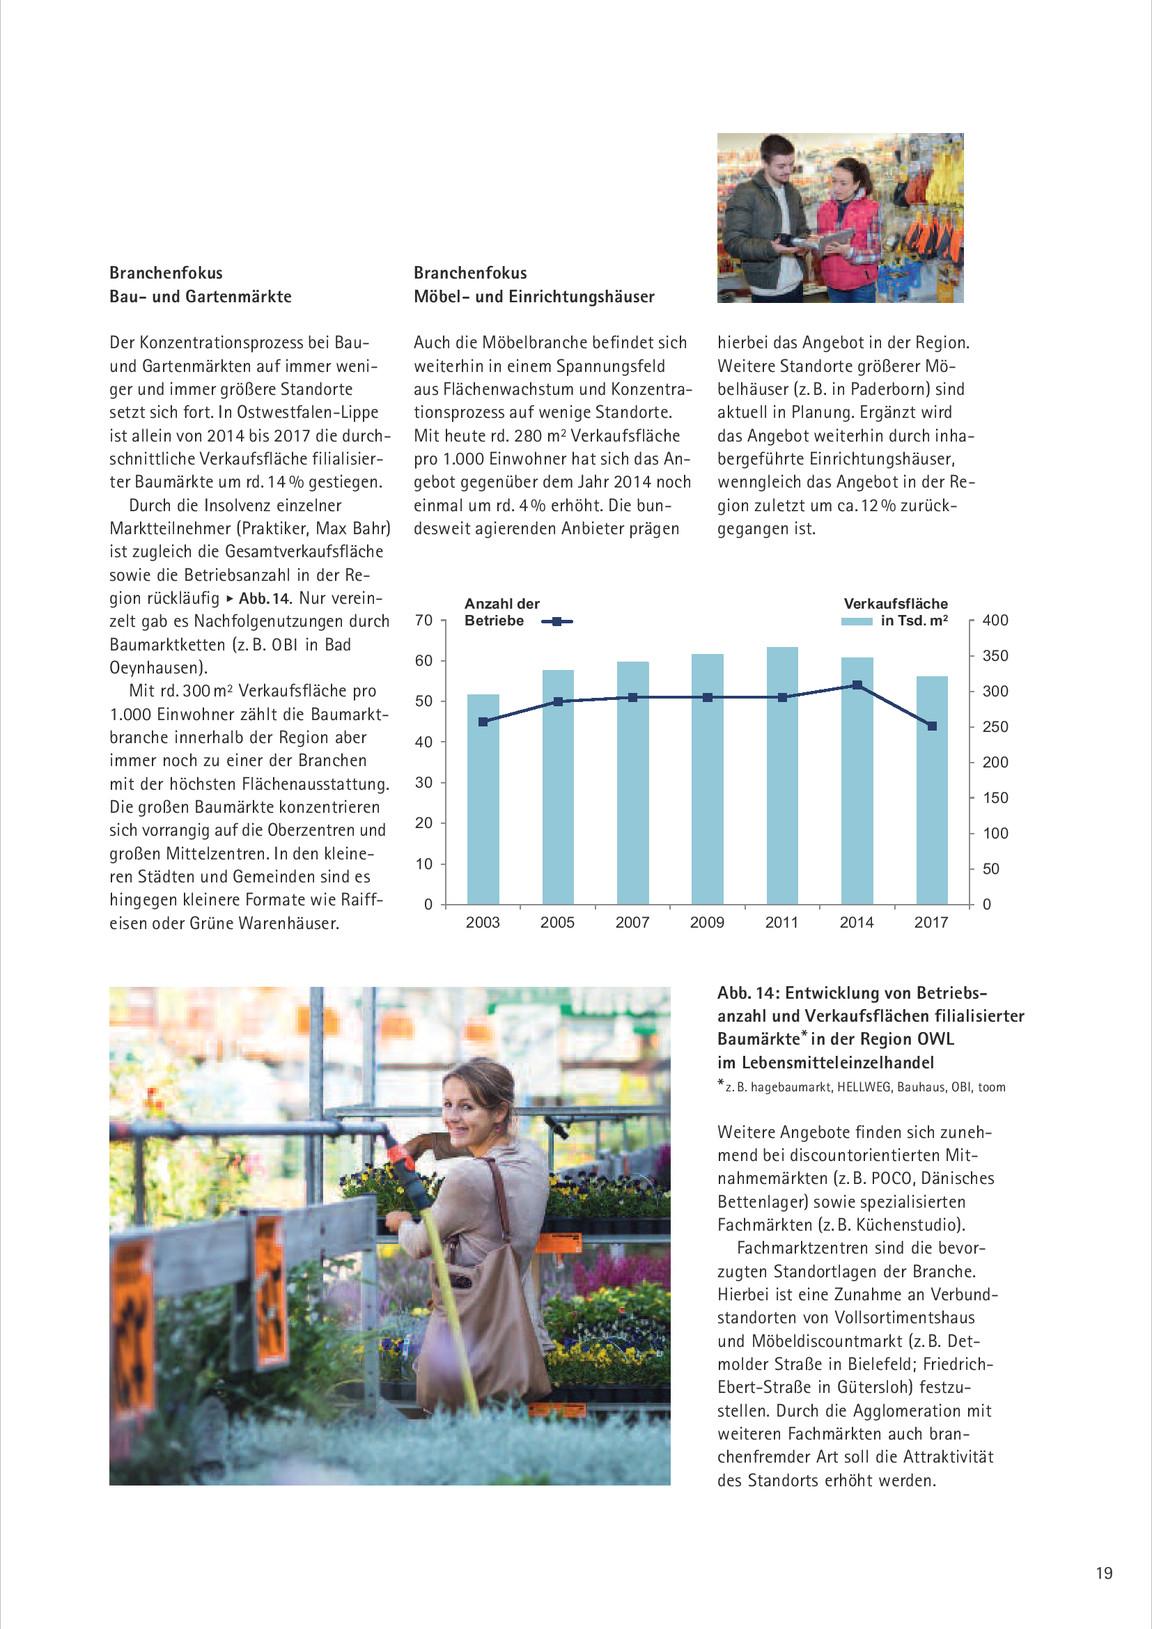 Ihk Handelsreport 2017 Ihk Bielefeld Ostwestfalische Wirtschaft